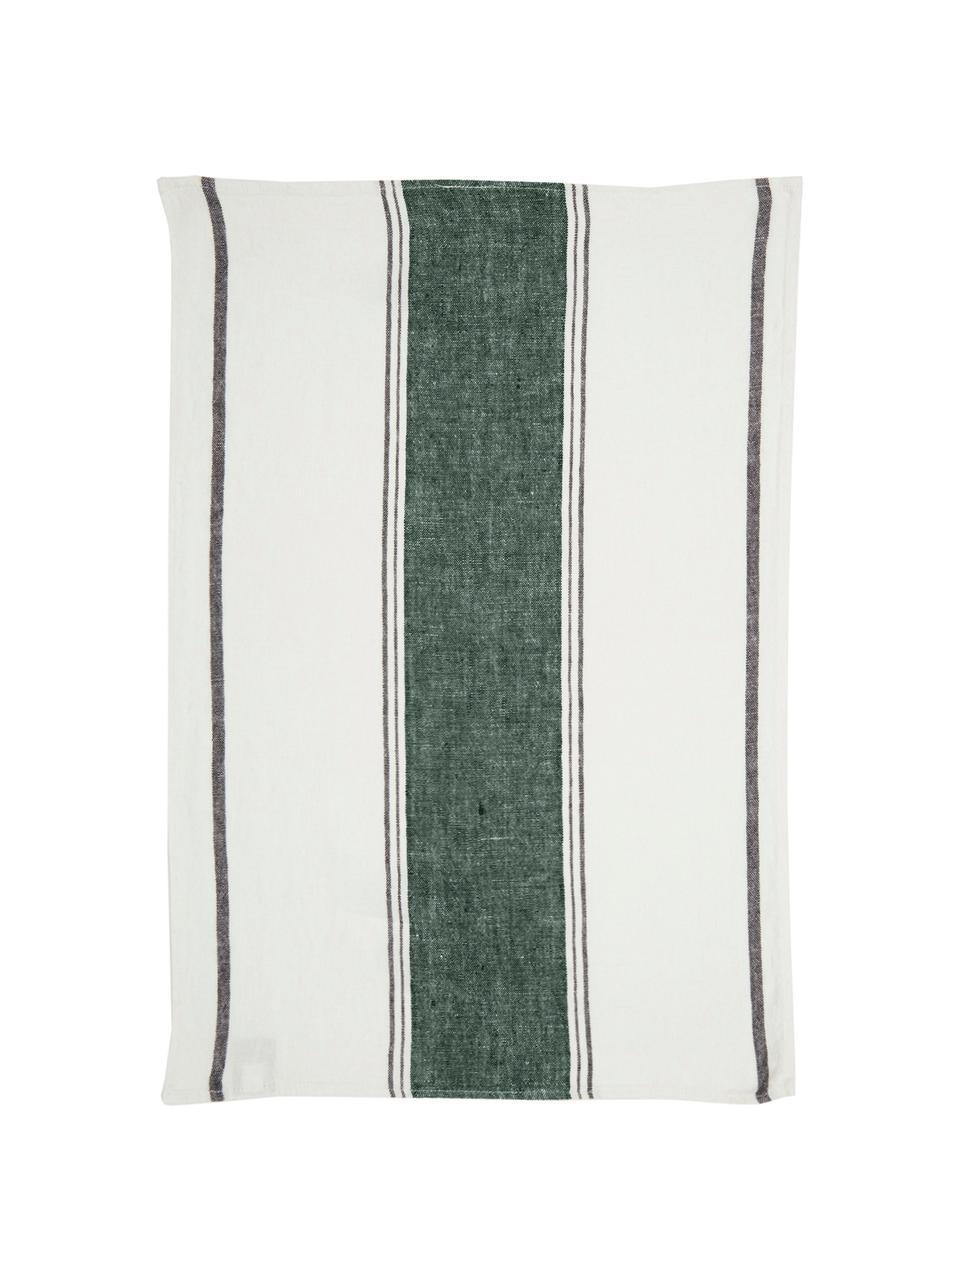 Leinen-Geschirrtuch Lecci mit grünem Streifen, Leinen, Waldgrün, Weiß Schwarz, 46 x 70 cm